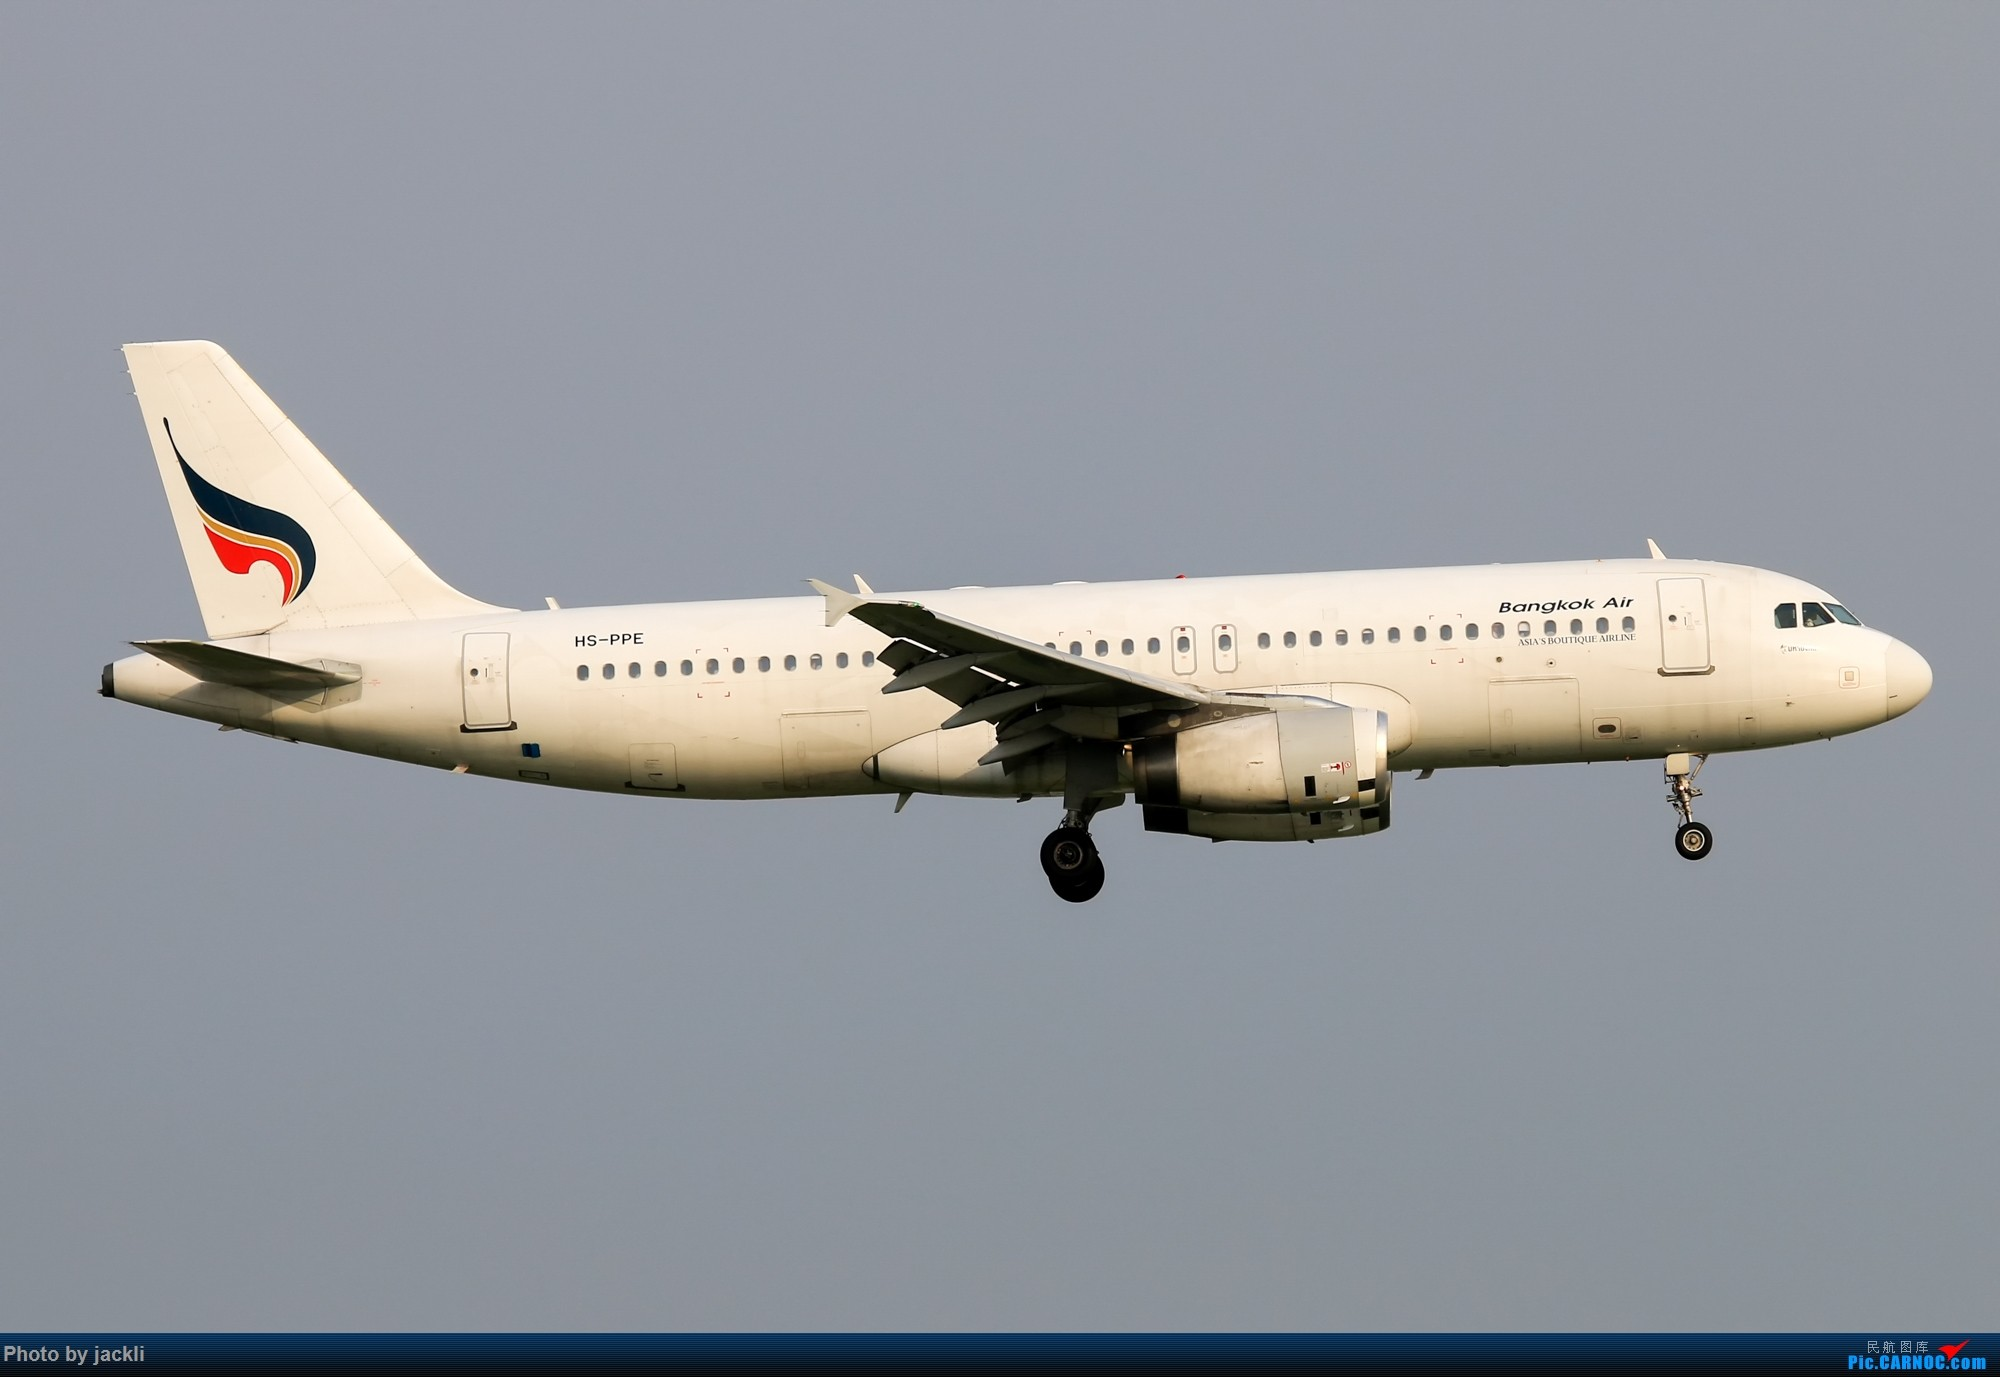 Re:[原创]【JackLi】泰国曼谷素万那普机场拍机~ AIRBUS A320 HS-PPE 泰国曼谷素万那普国际机场